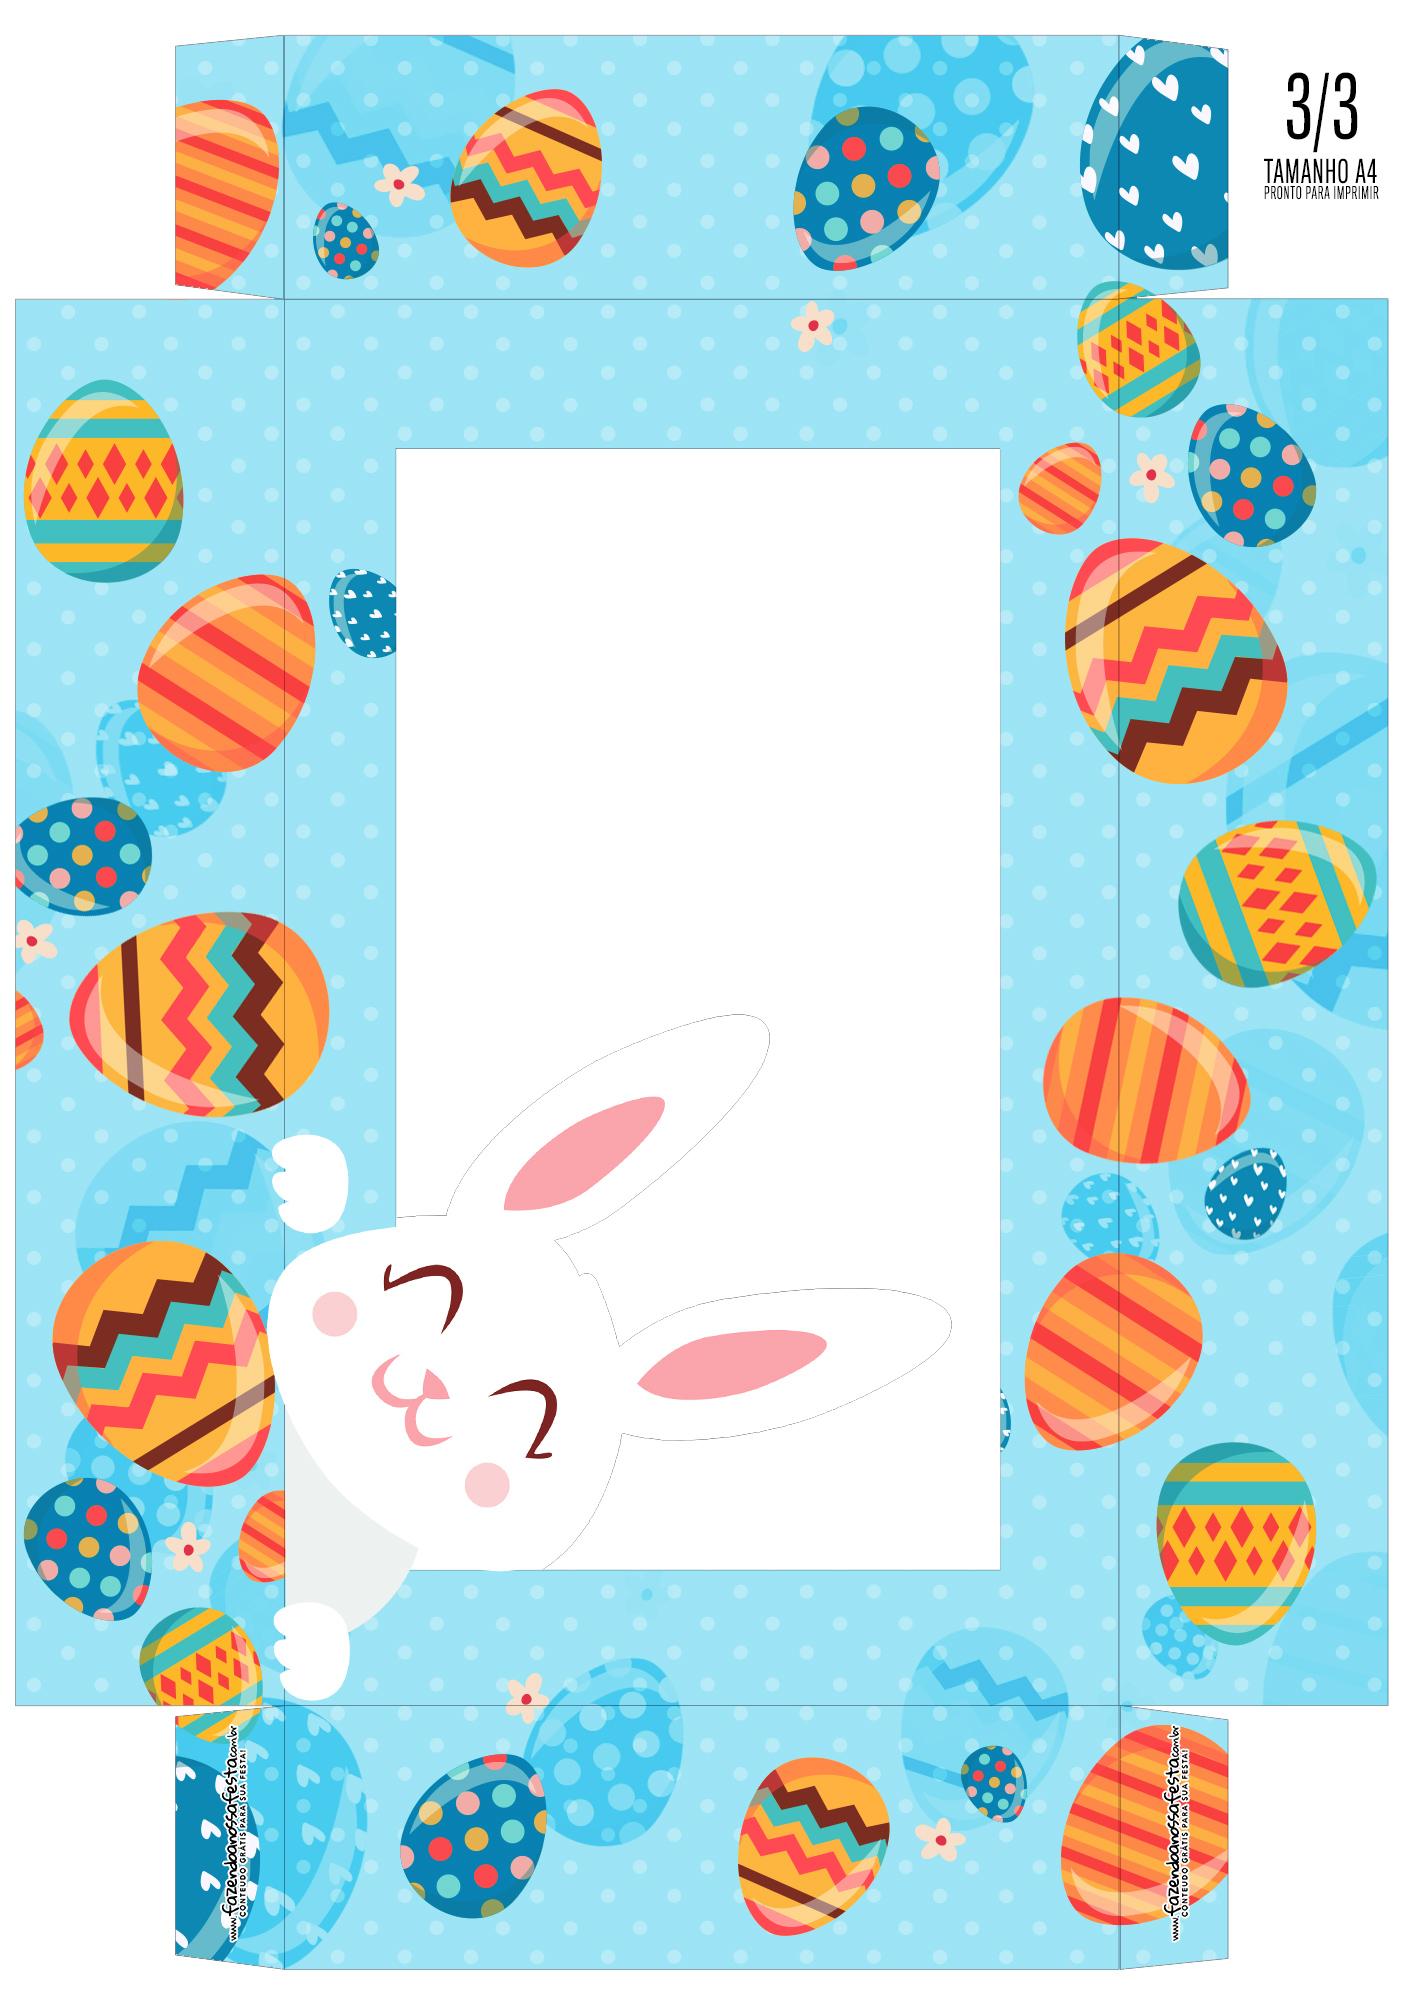 Caixa Ovo de Pascoa 8-1